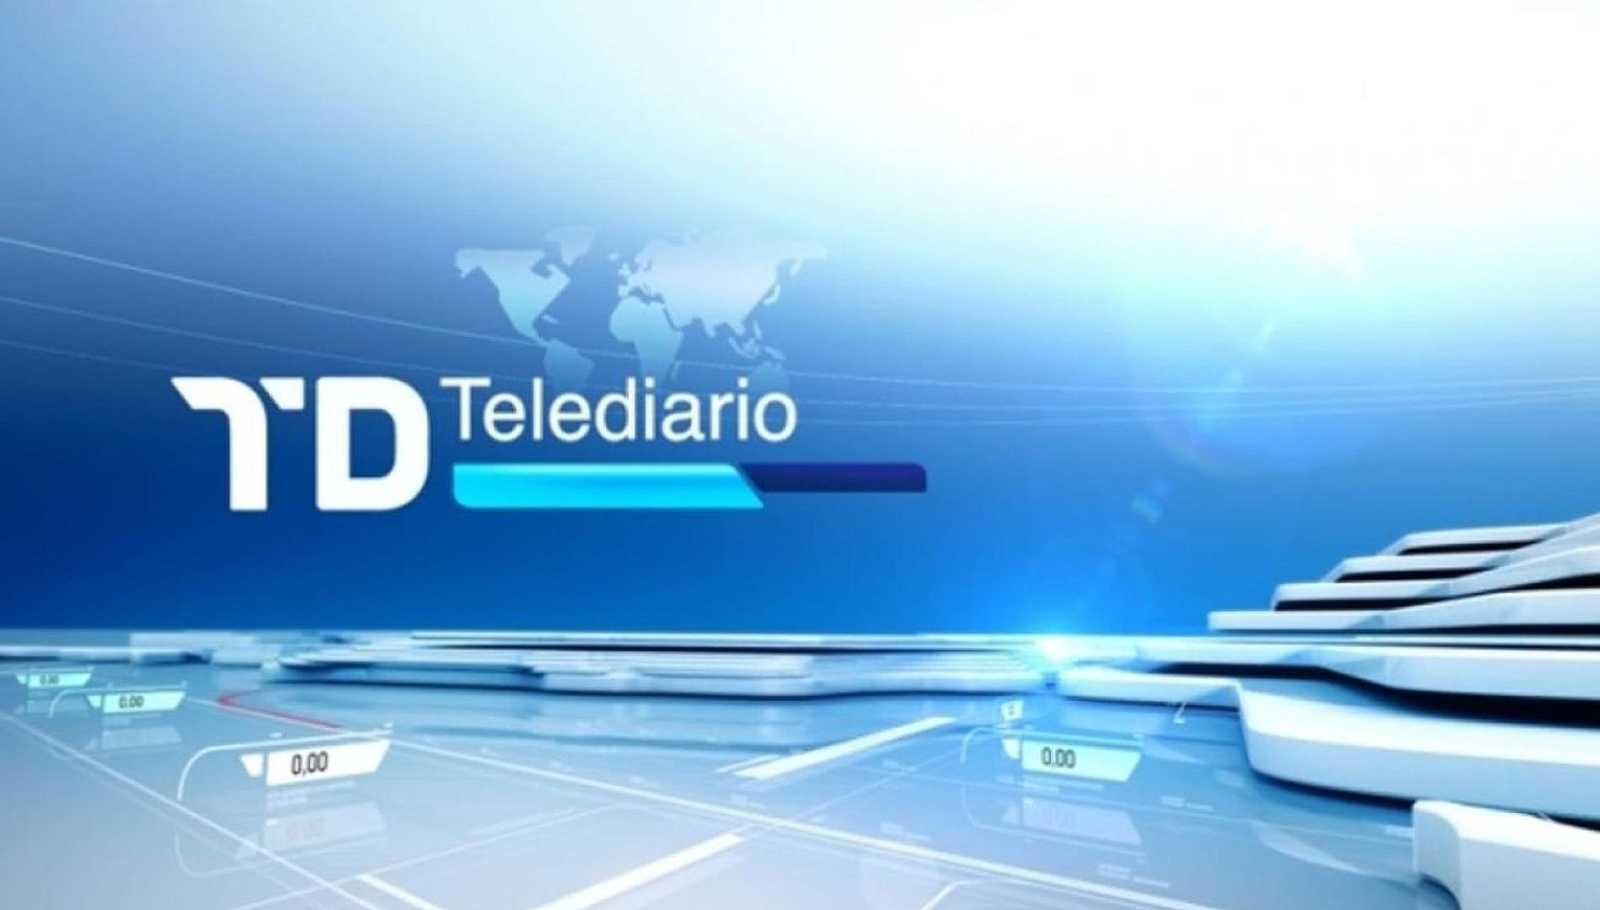 Tarde lo que tarde - ¿Cómo se compone la sintonía del Telediario? - Escuchar ahora